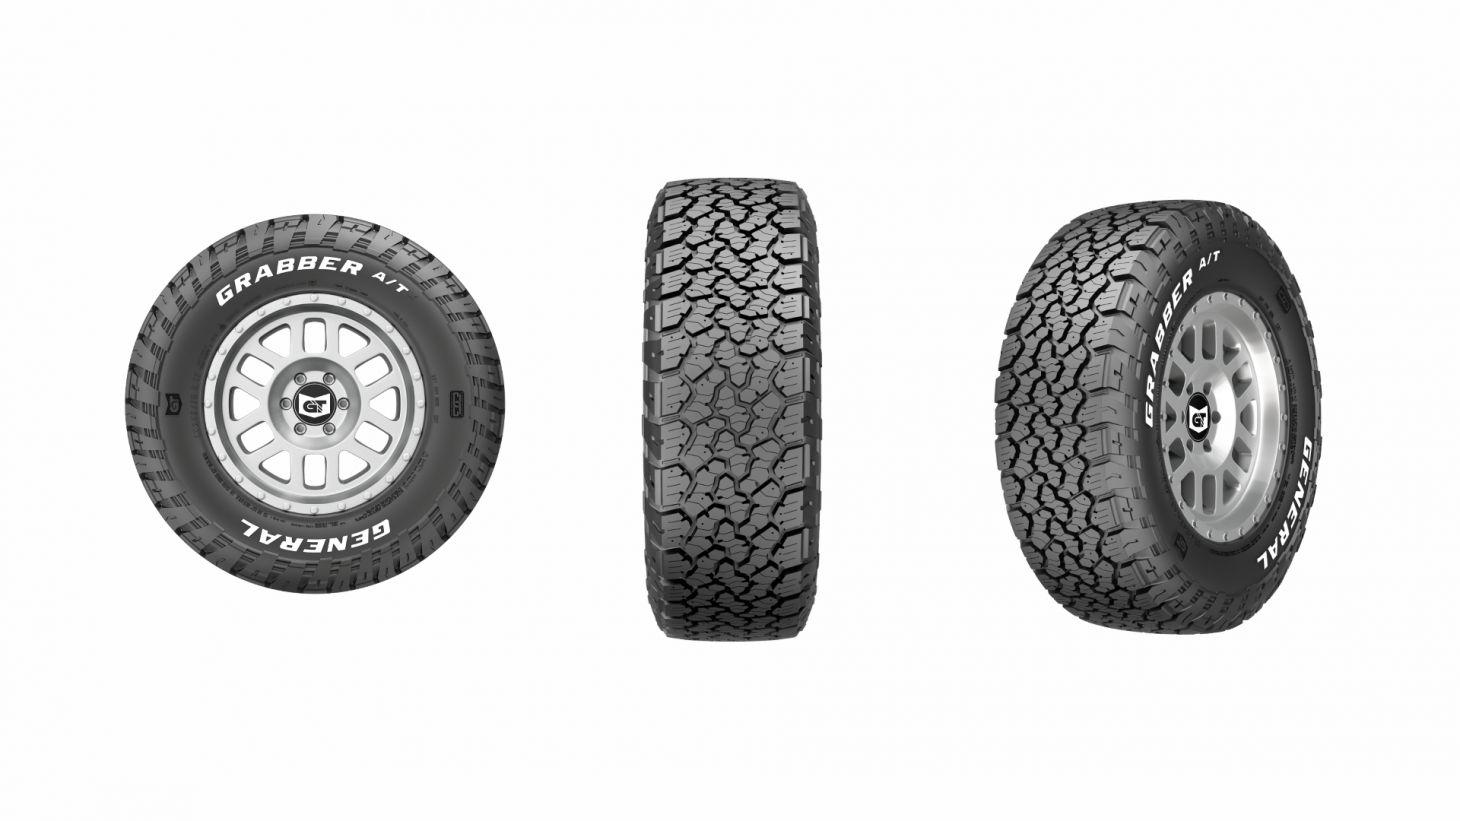 pneu continental general grabber novo tecnologia off road on road